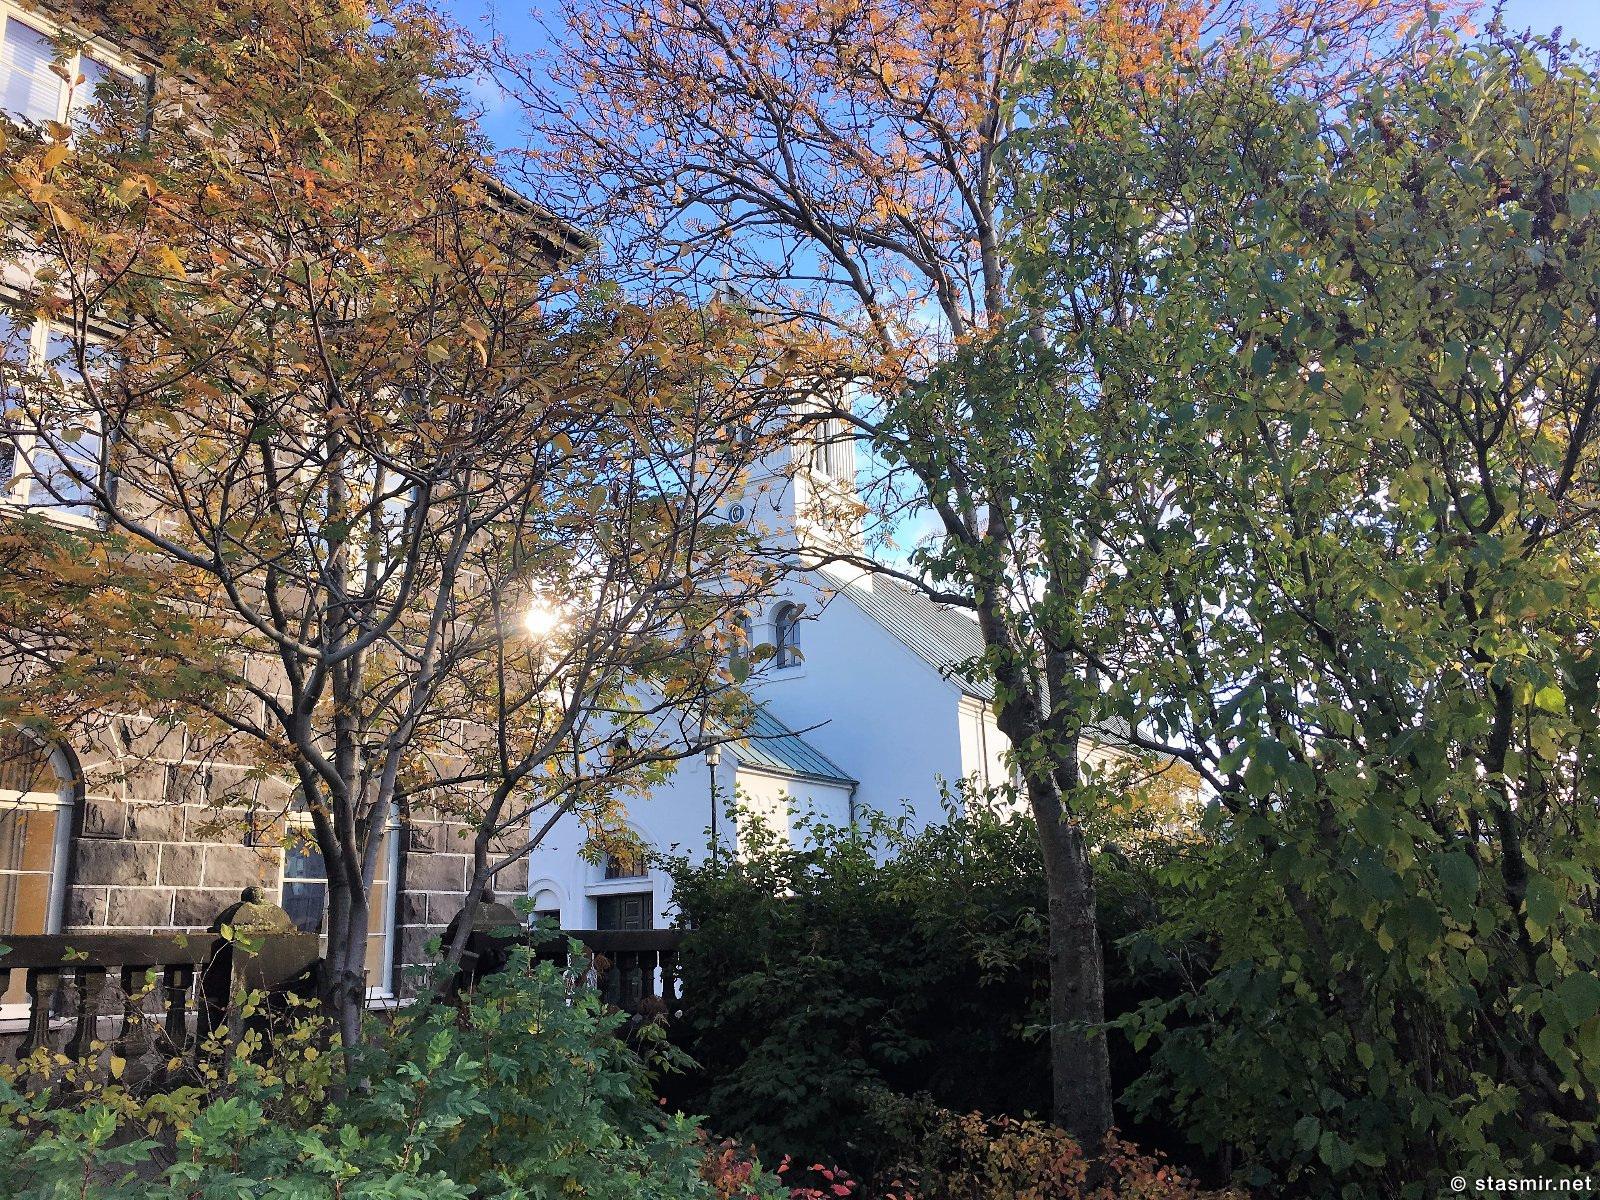 дворик парламента в Рейкьявике поздней осенью, фото Стасмир, Photo Stasmir